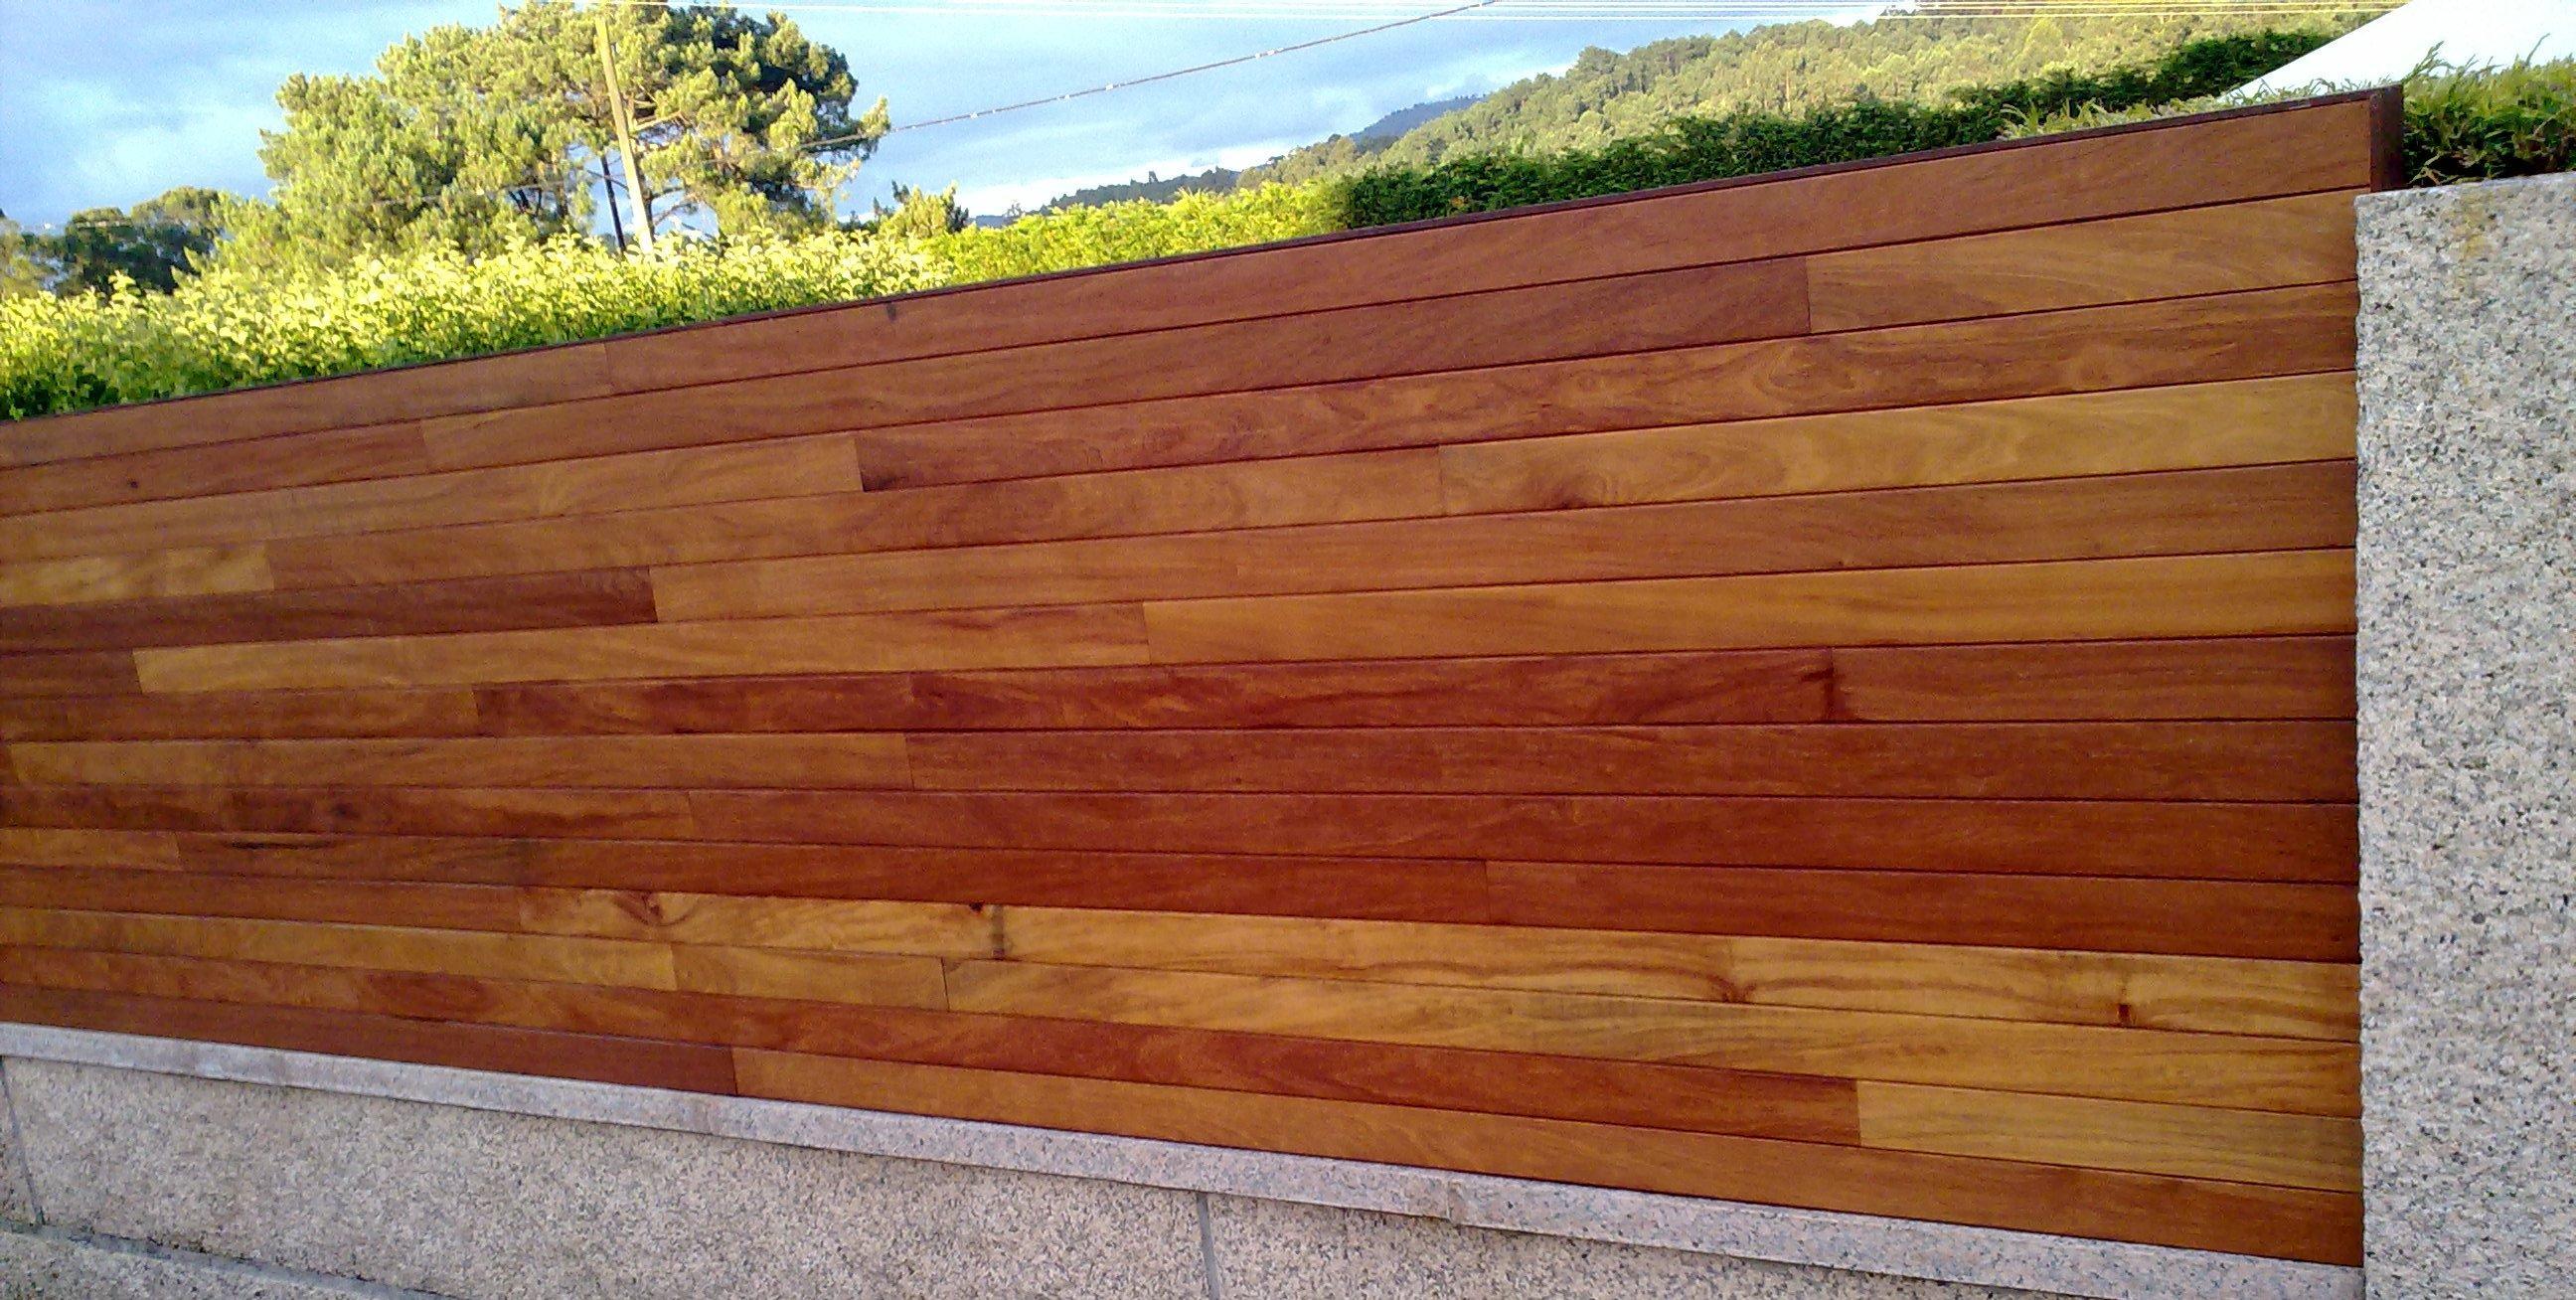 Foto 4 de Parquets y revestimientos de suelo en Pontevedra | Parquets Vázquez Búa